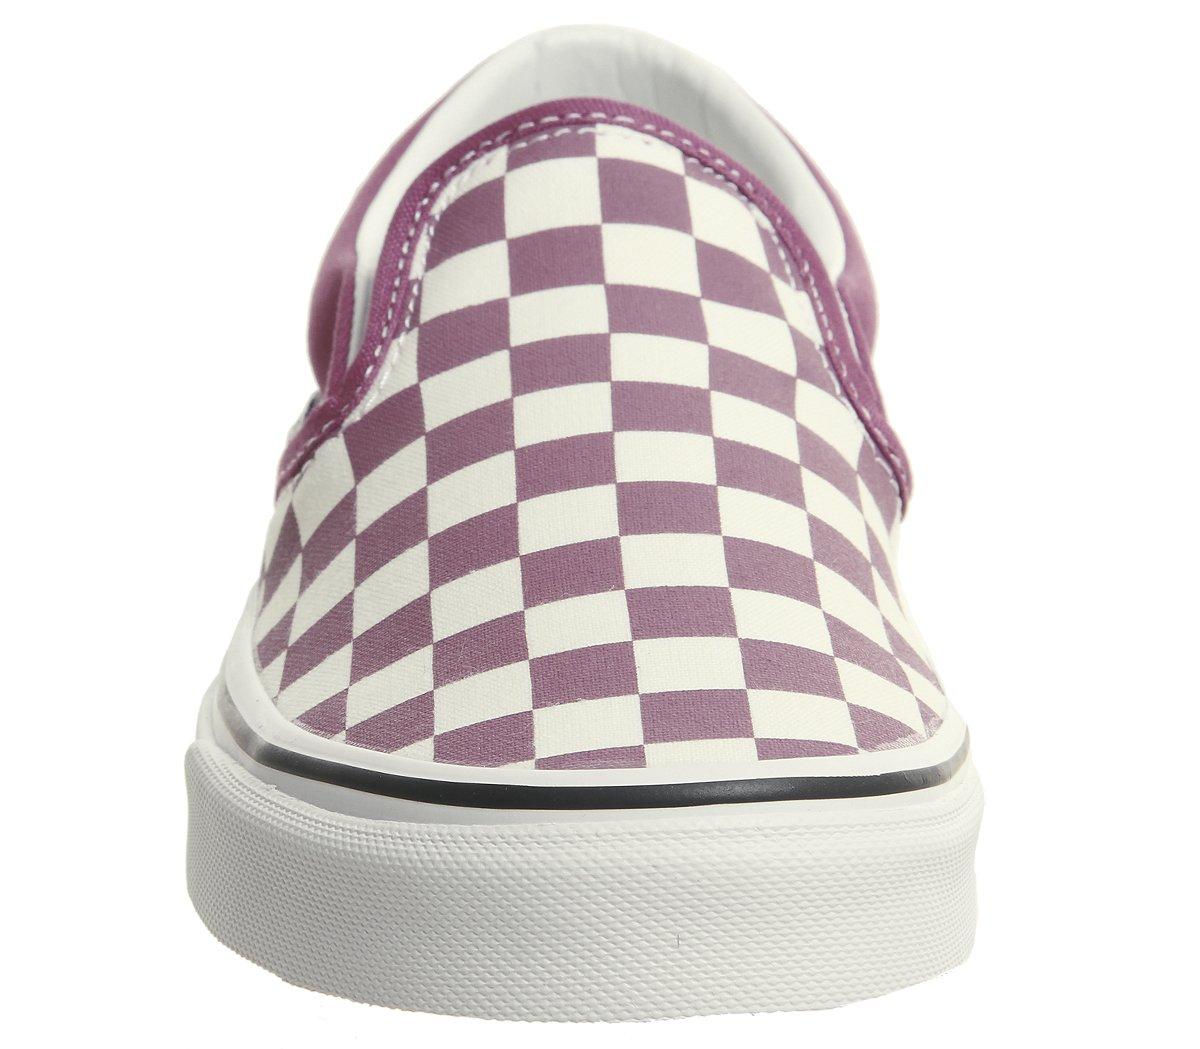 Vans Unisex Classic (Checkerboard) Slip-On Skate Shoe B078Y7NXRL 8 White D(M) US|Dry Rose / White 8 f573f5